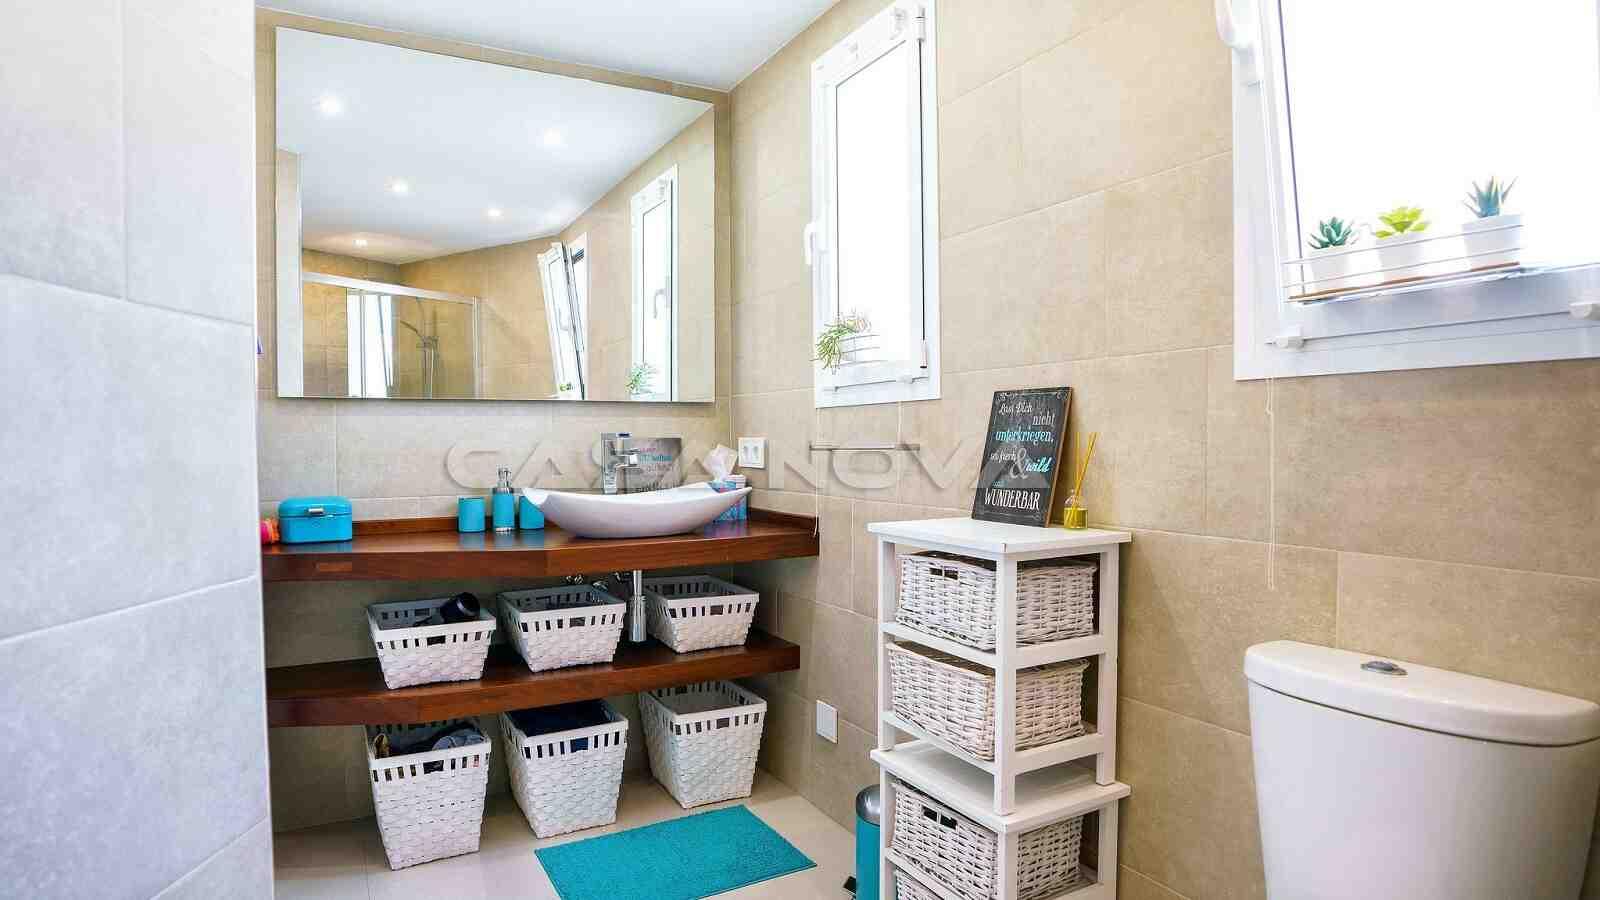 Ref. 2303031 - Stilvolles Badezimmer mit Fenster